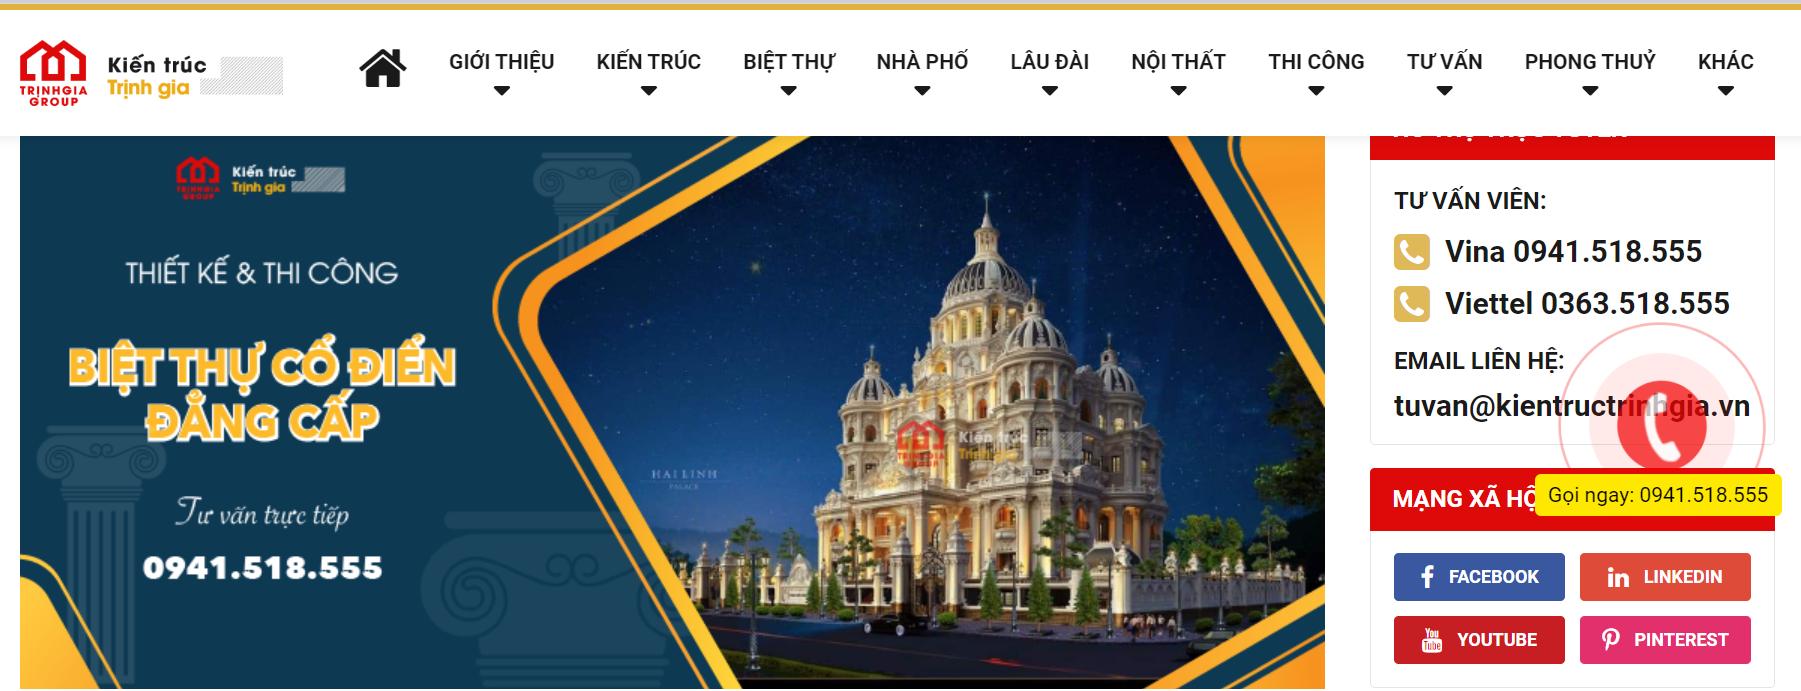 Công ty thiết kế nhà Trịnh gia